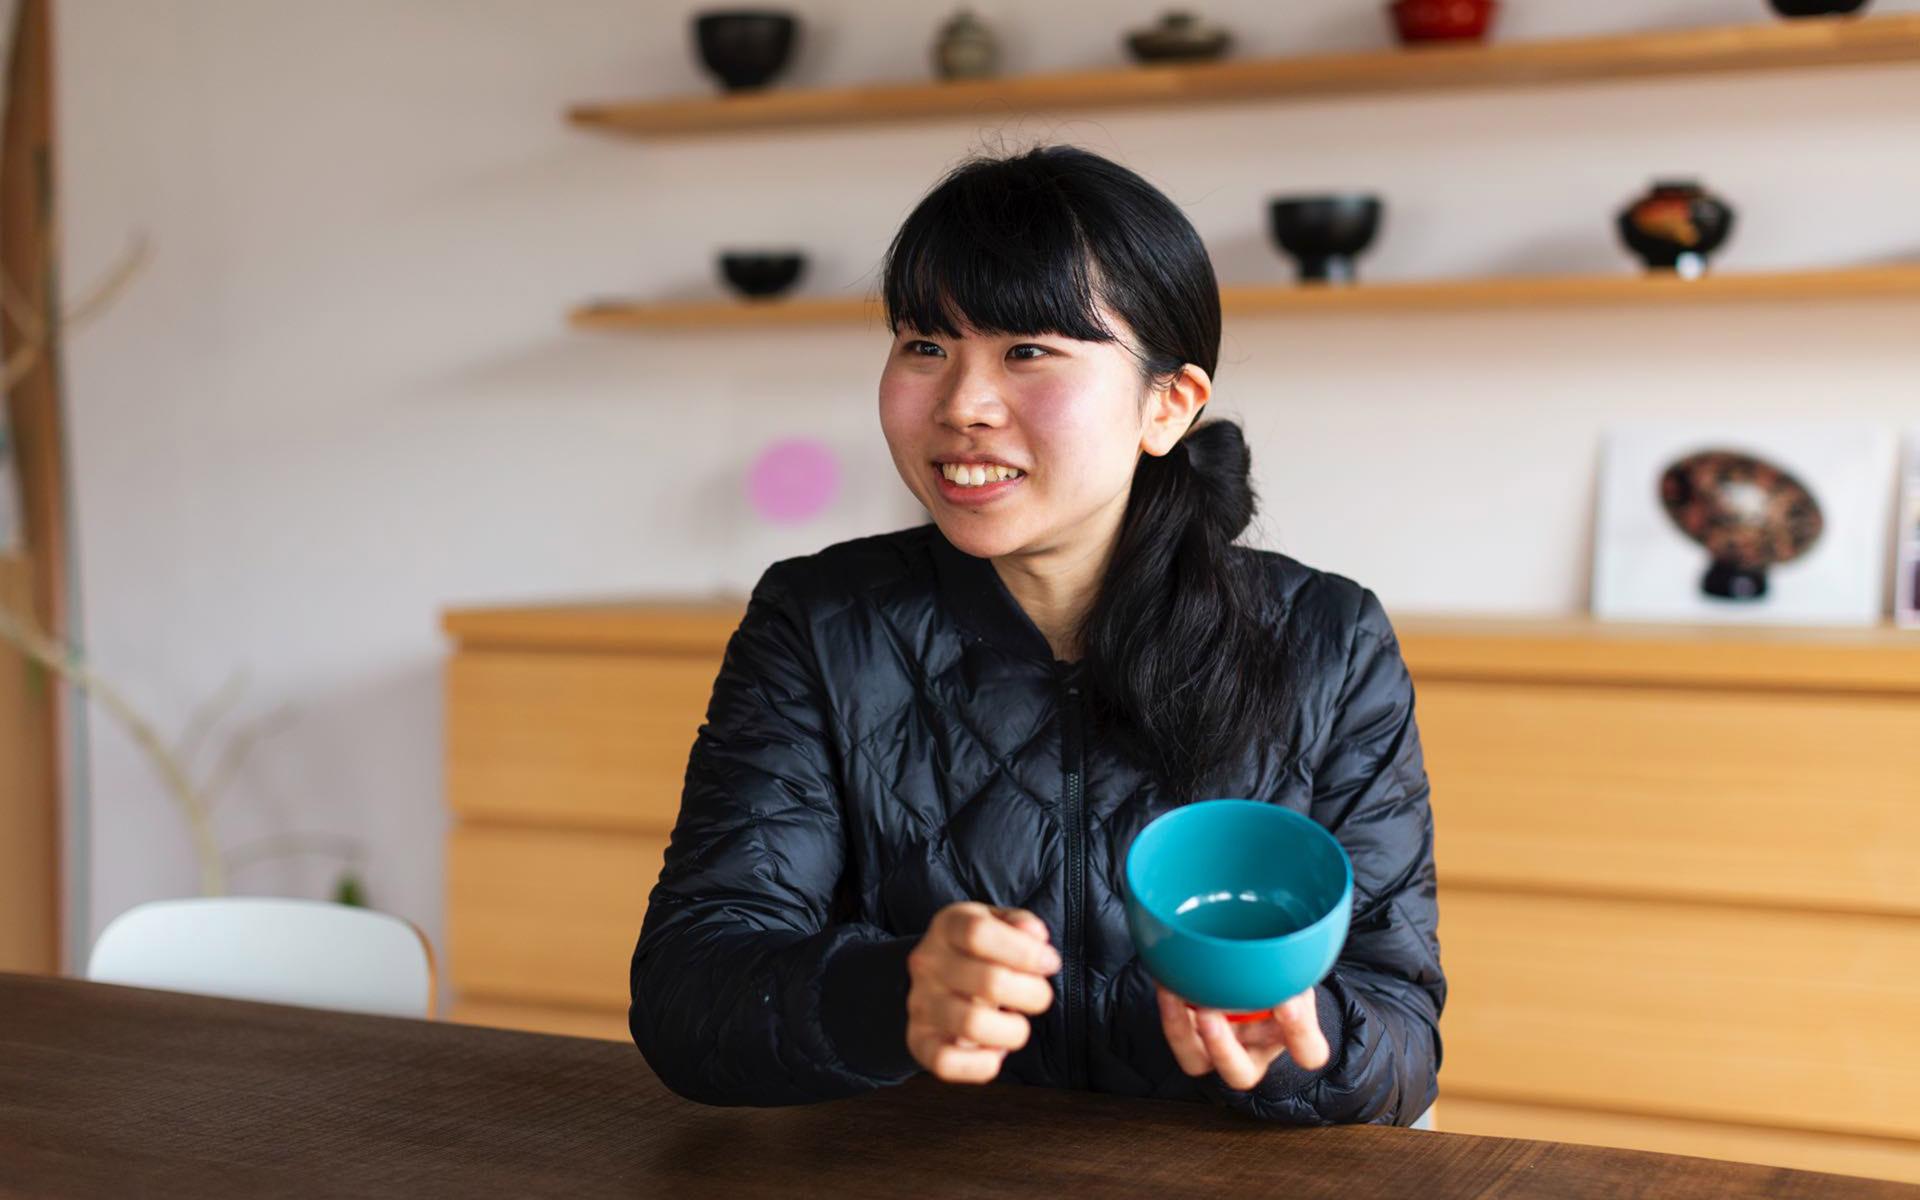 """漆琳堂の職人、高橋菜摘さんの""""仕事の理由""""──魅力的に見せるのも技術。漆器をつくって「届ける」までを担いたい"""